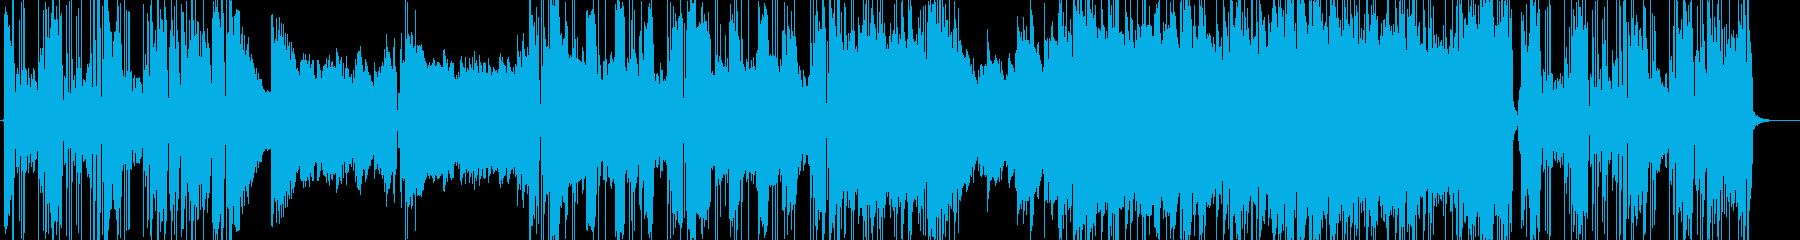 ウーリッツァーピアノのプログレジャズの再生済みの波形